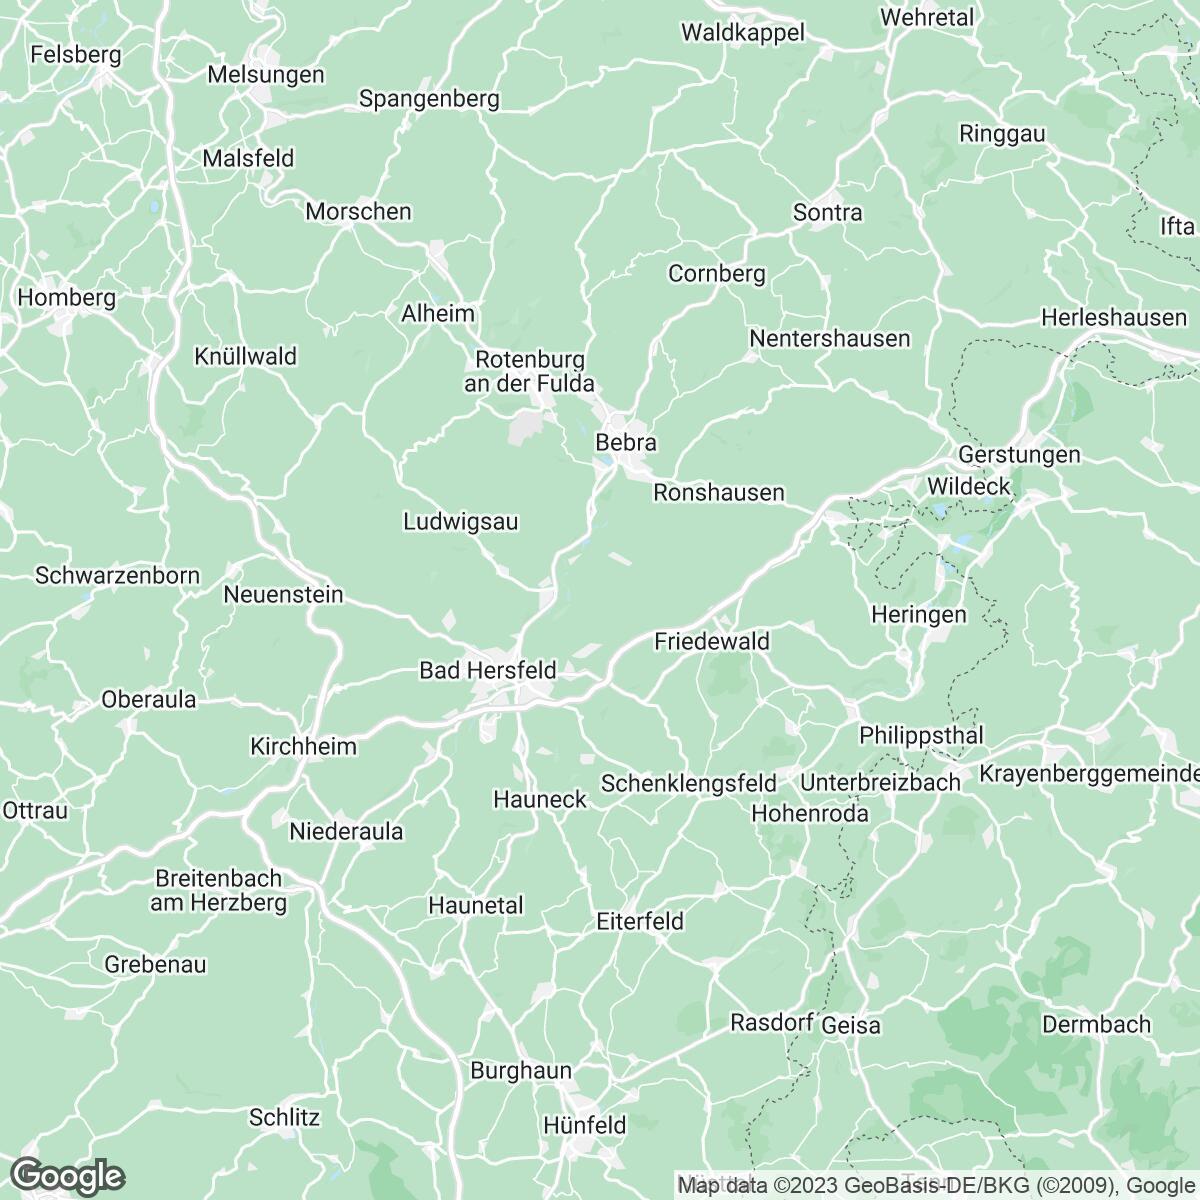 Verkaufsgebiet der Zeitungen HNA Hessische / Niedersächsische Allgemeine